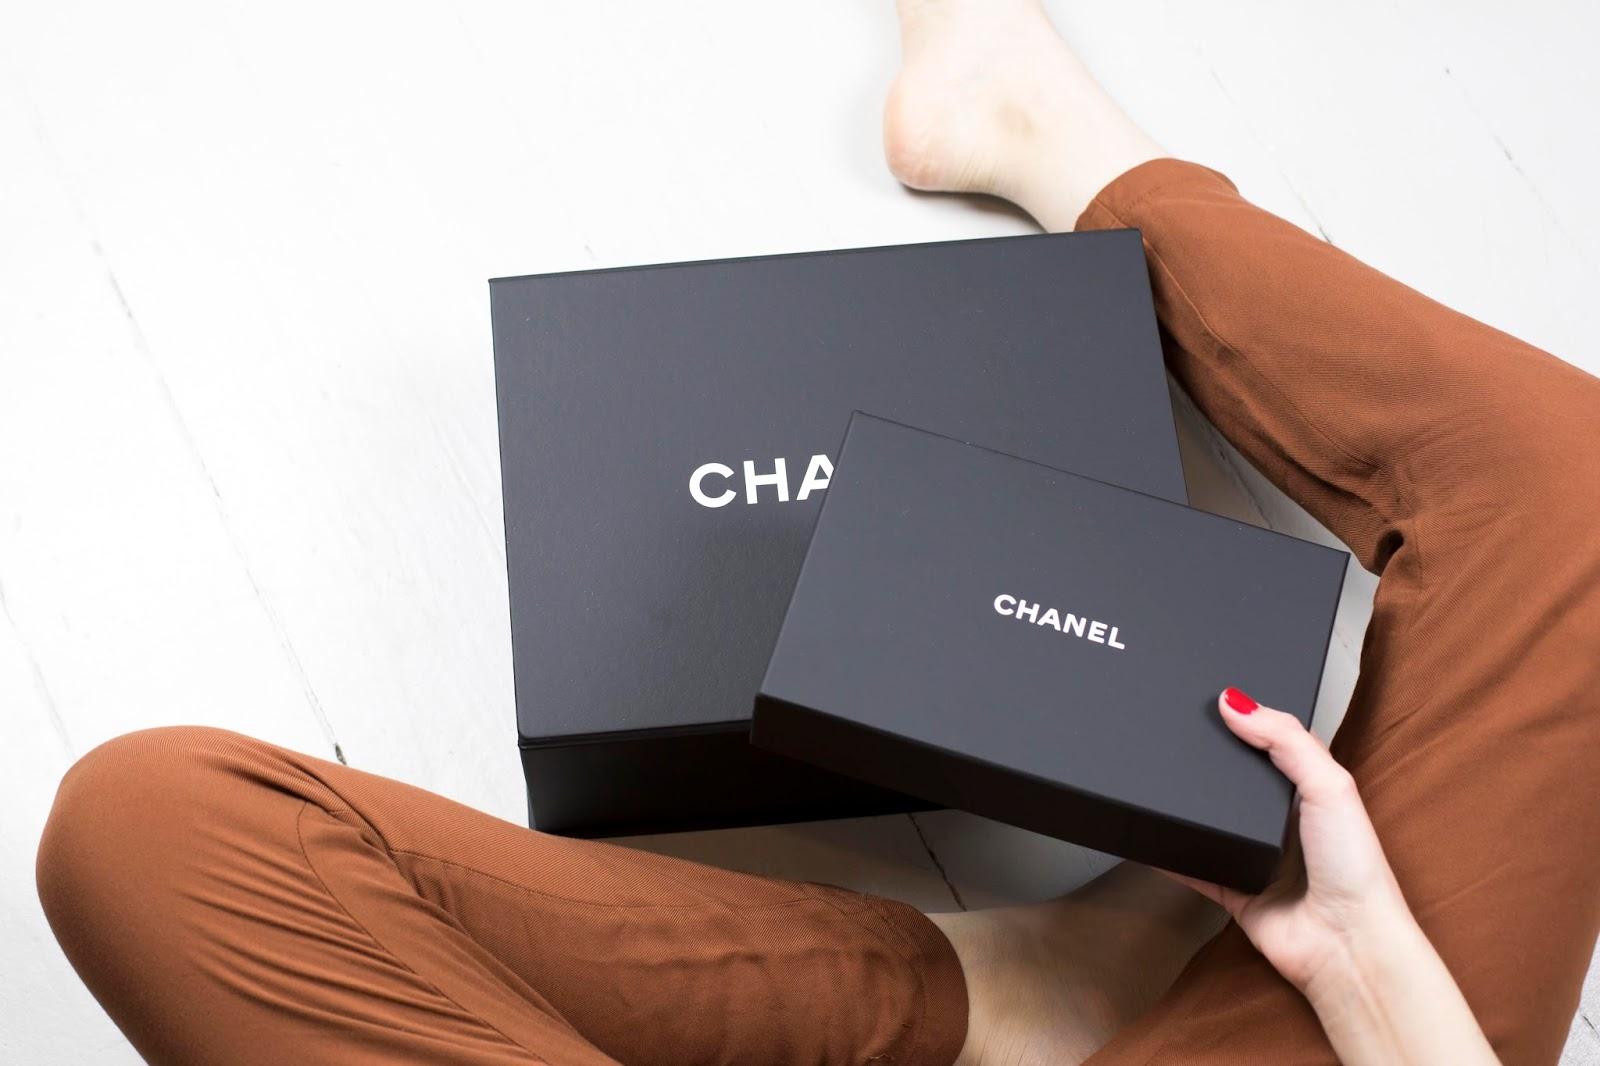 Chanel smug kig